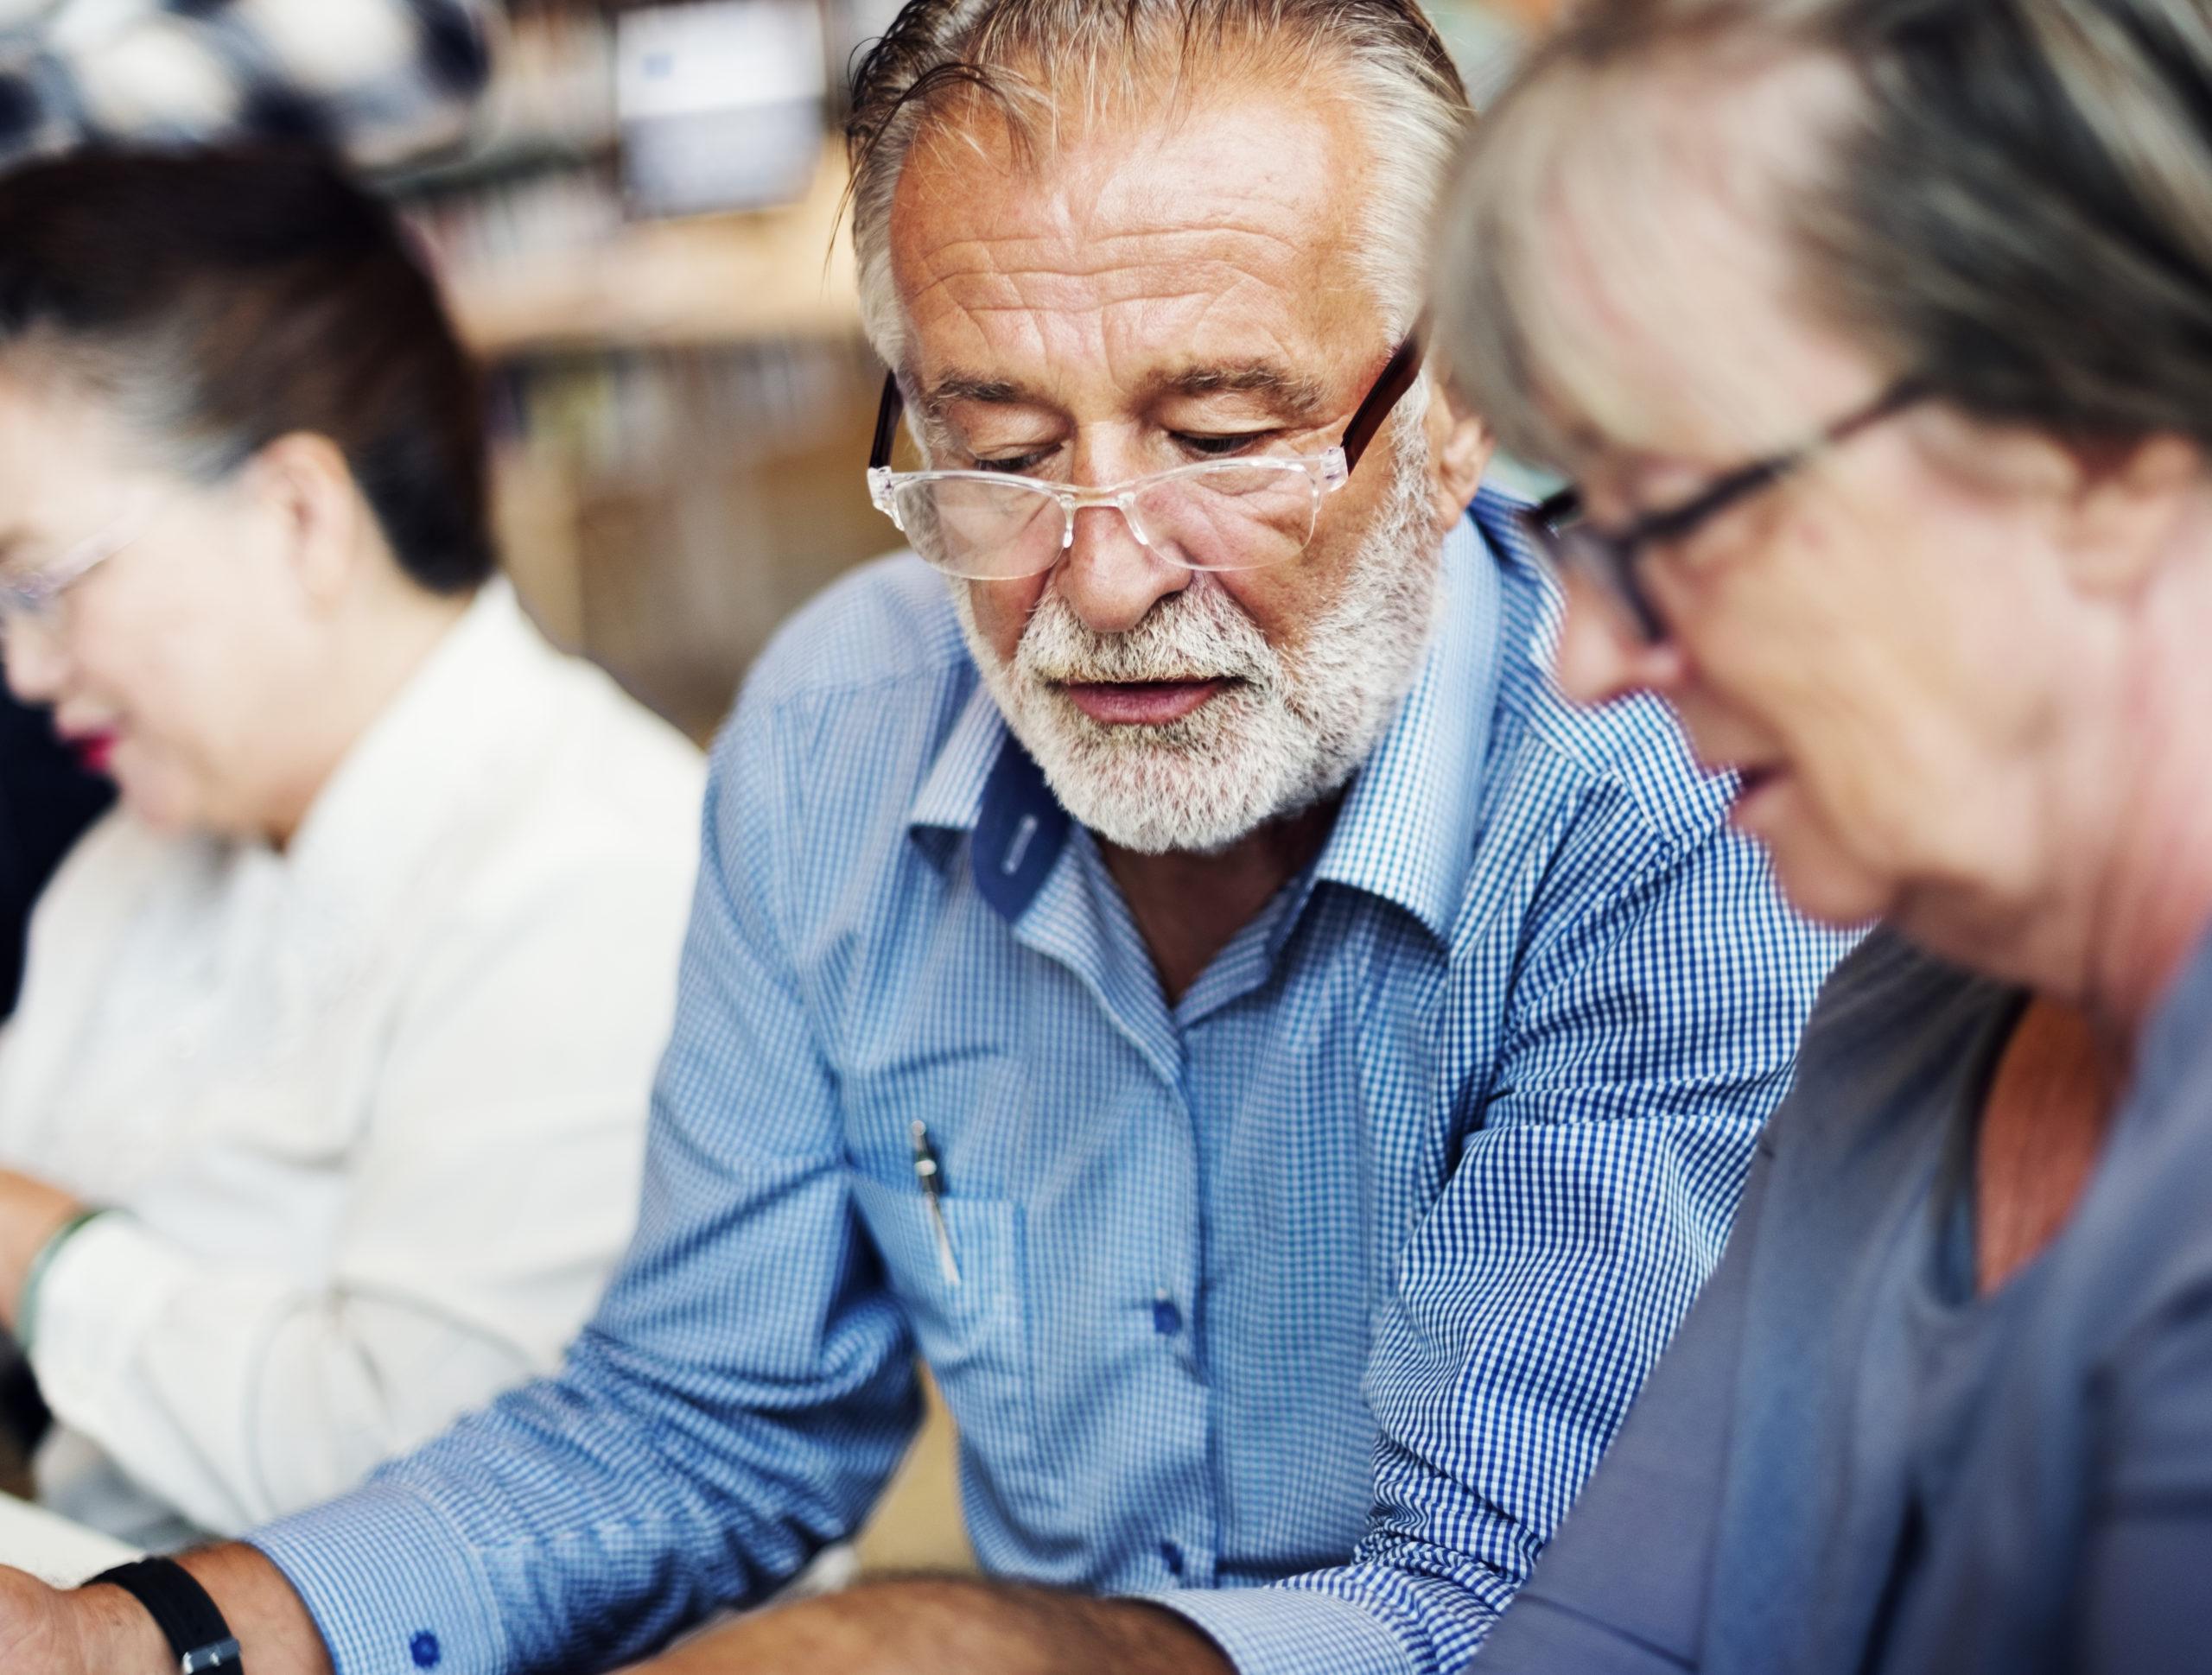 La educación de mayores en una sociedad que envejece